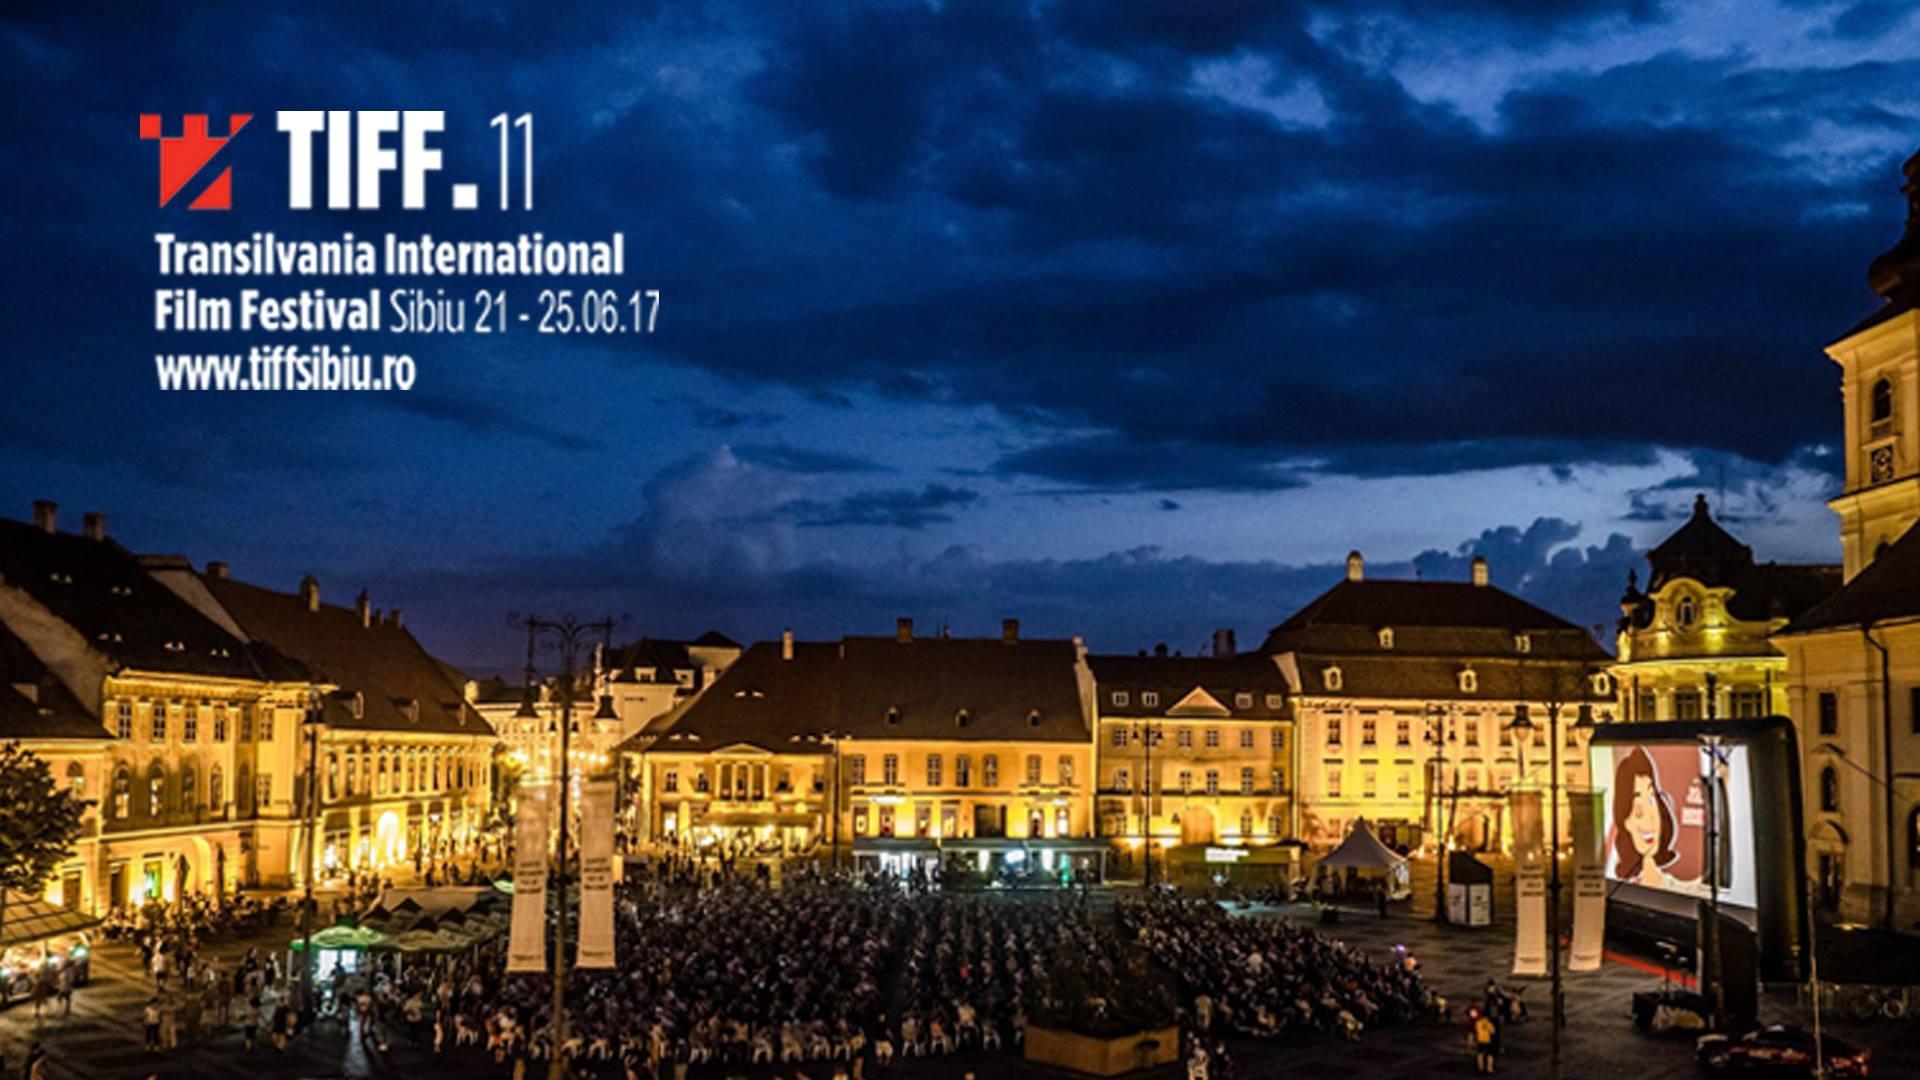 TIFF Sibiu 2017